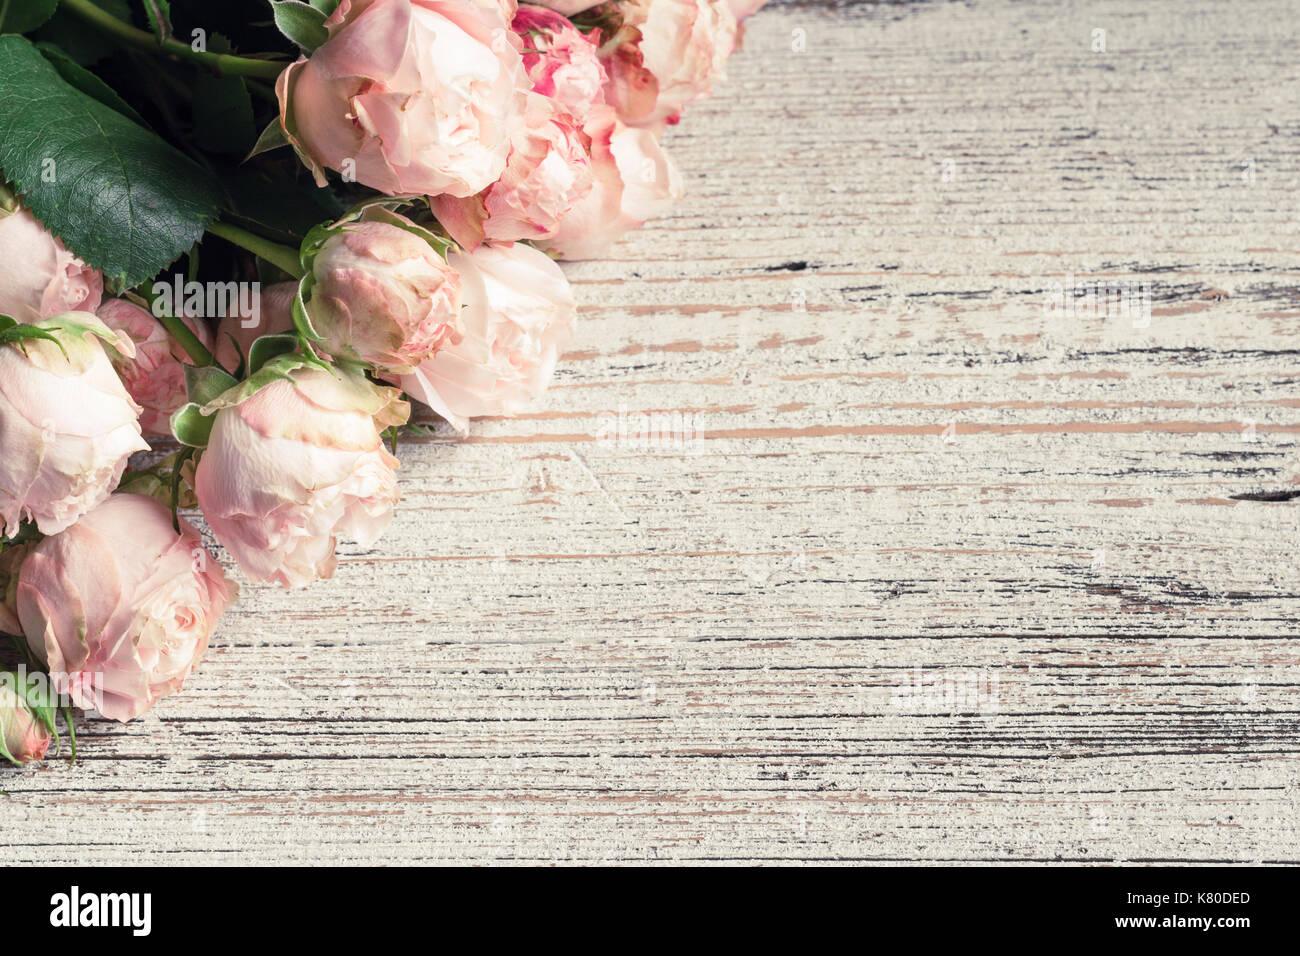 Rosa Hochzeit Rosen Auf Vintage Holz Hintergrund Kopieren Sie